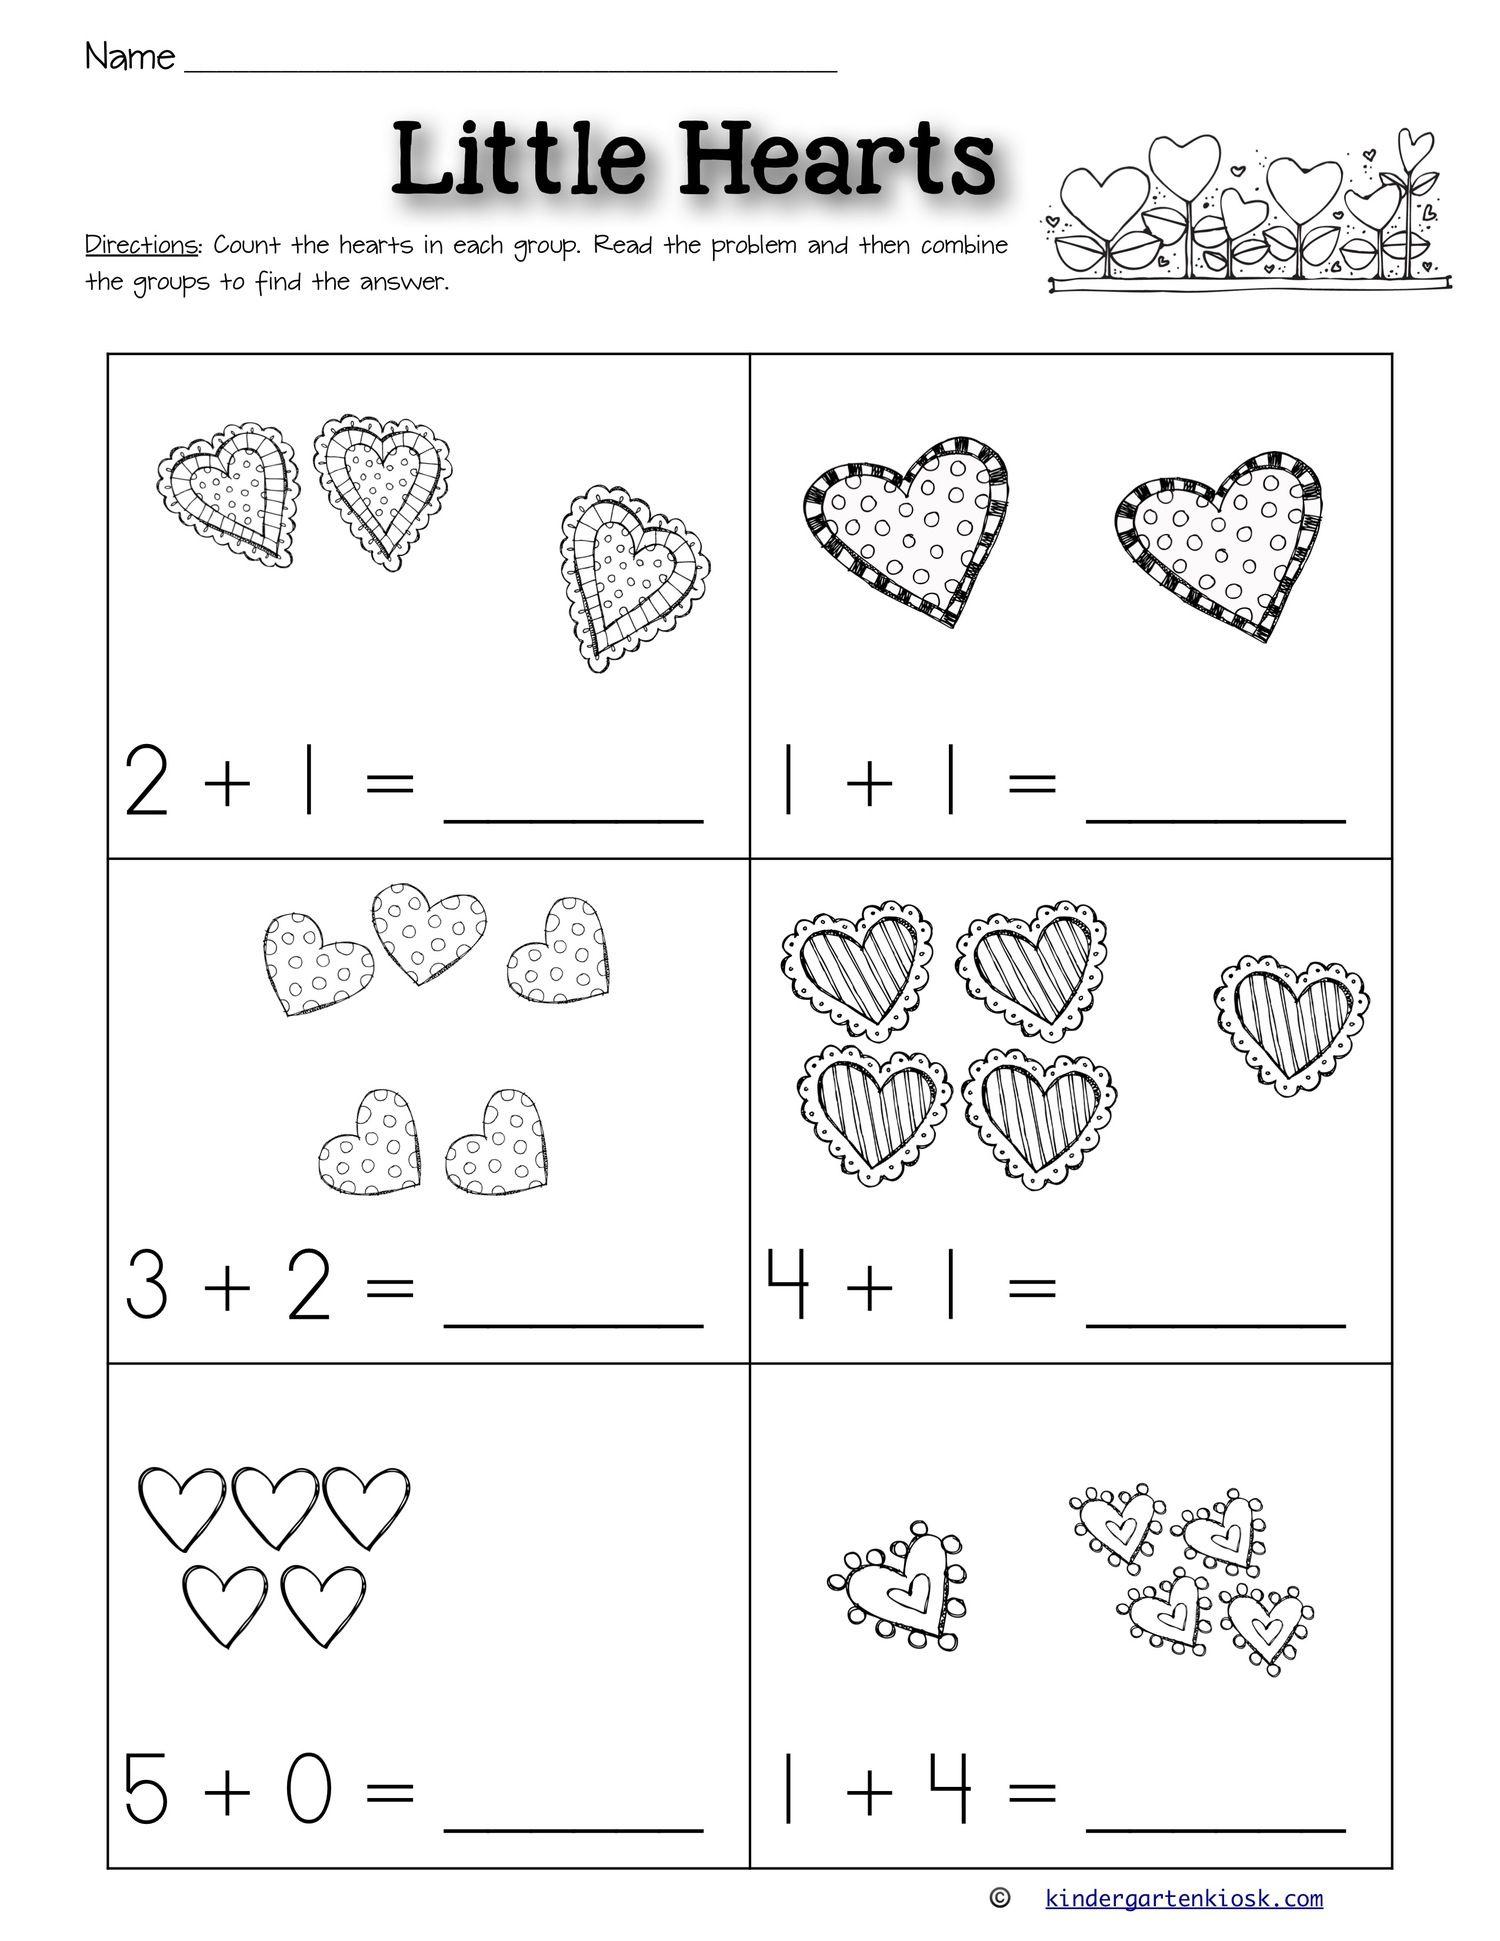 Addition 0 5 Worksheets February Kindergarten Kiosk February Worksheets Kindergarten Worksheets Kindergarten Worksheets Printable Addition worksheet for kg